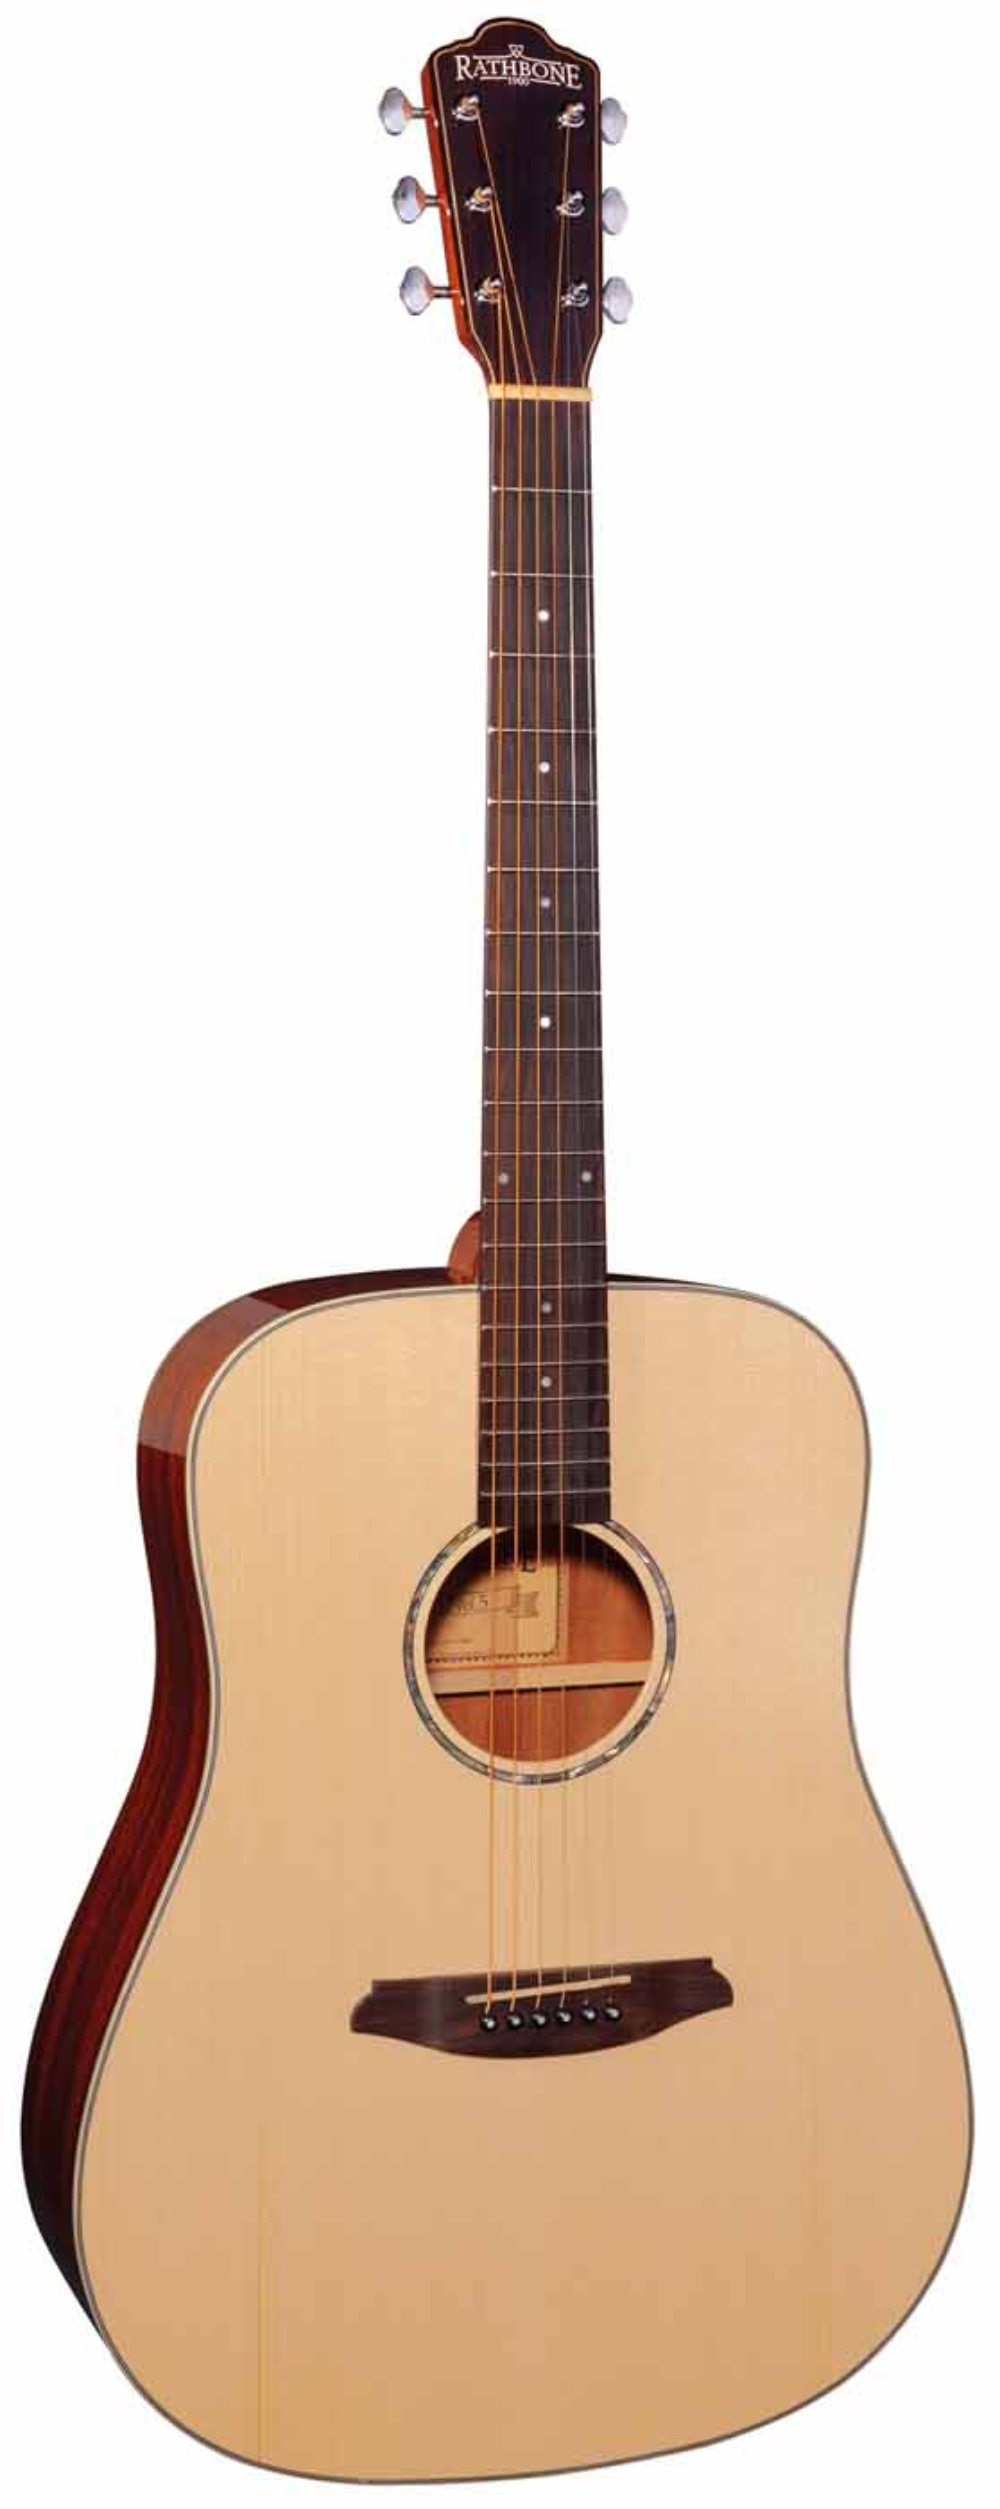 No. 5 Carbon Fibre Double Top Acoustic: Acoustic Guitar